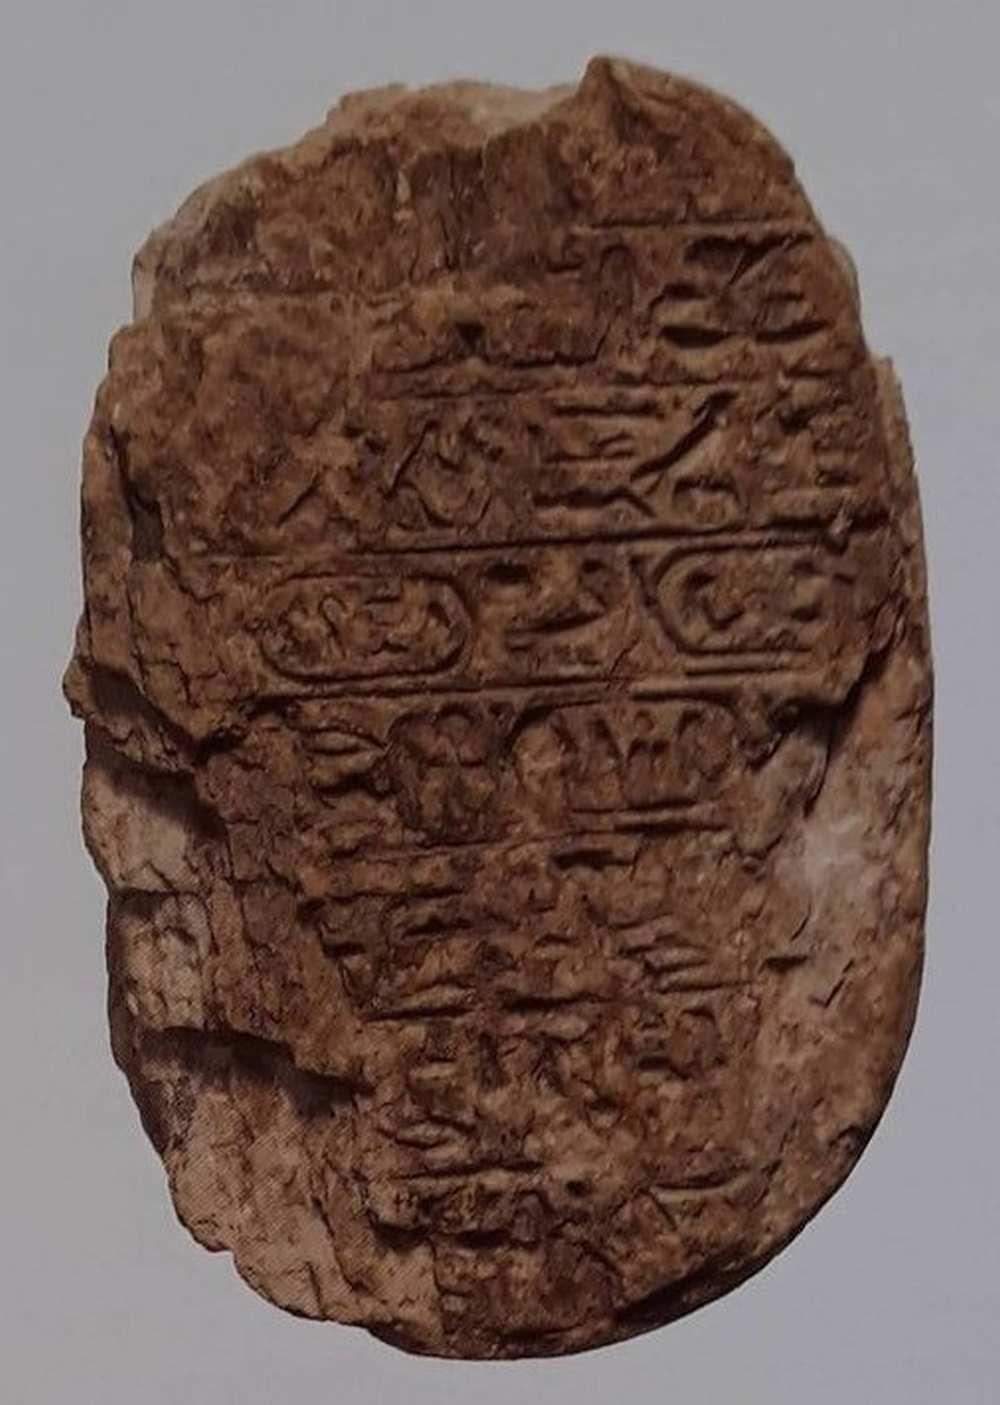 amenhotepskarab_3_opti.jpg